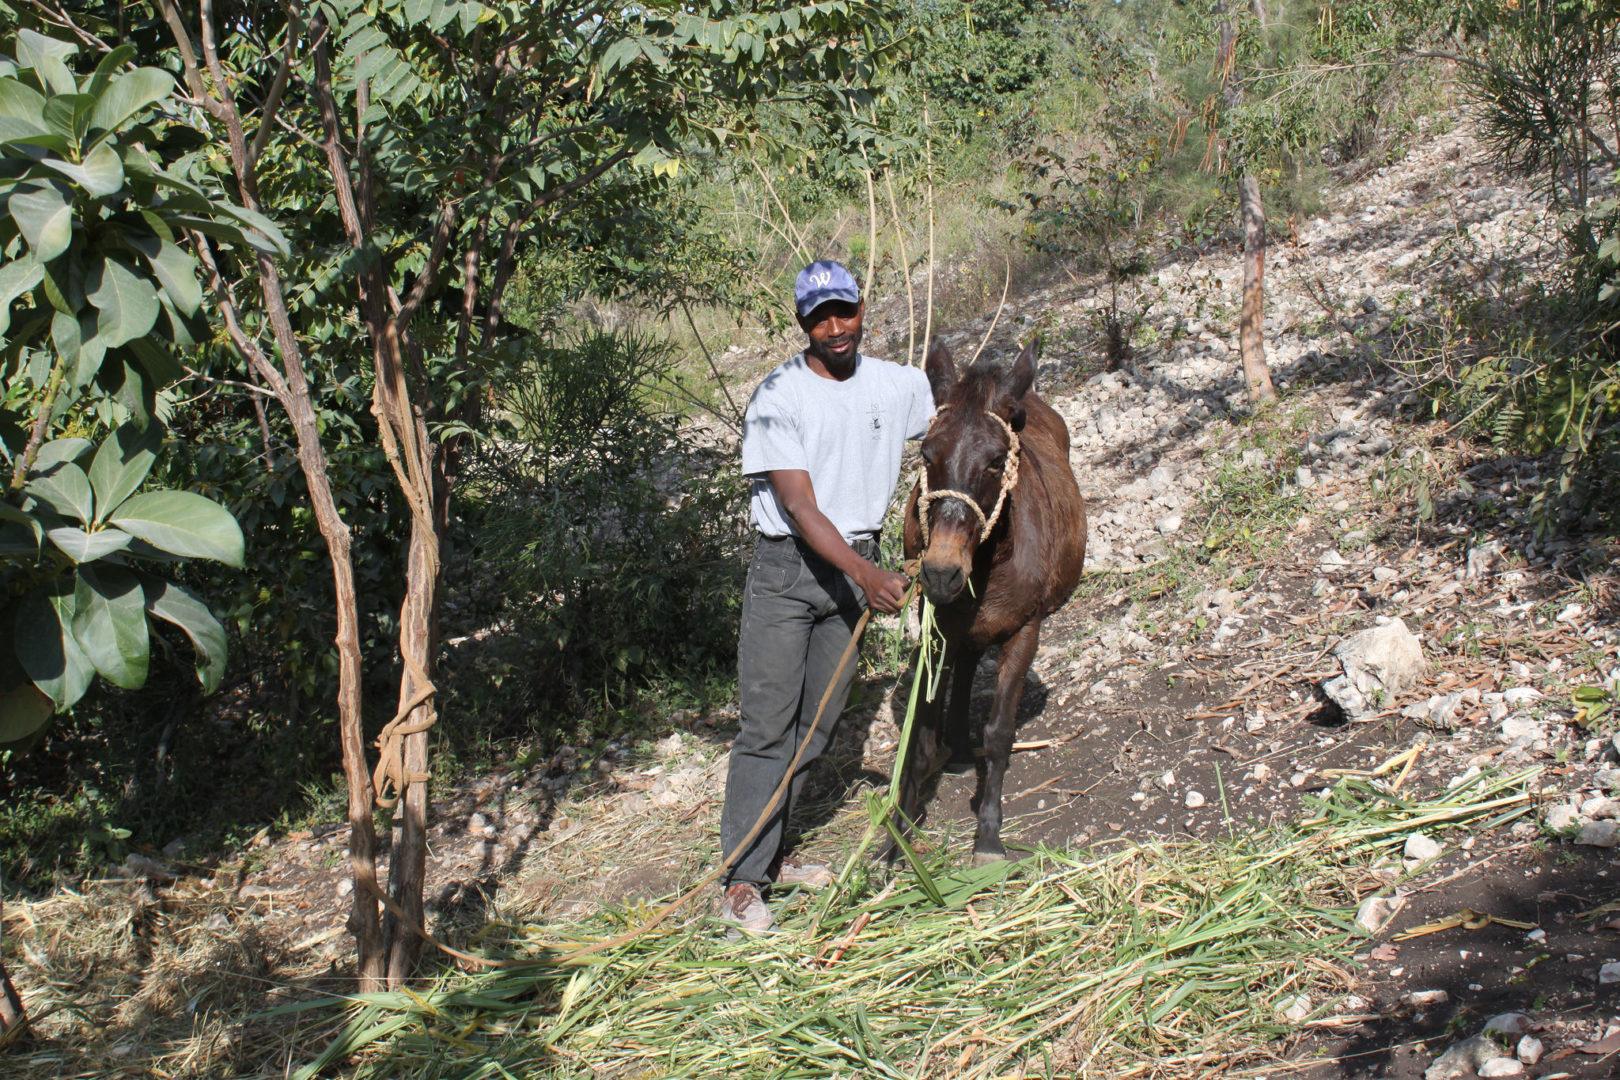 A participant farms a steep hillside in Haiti